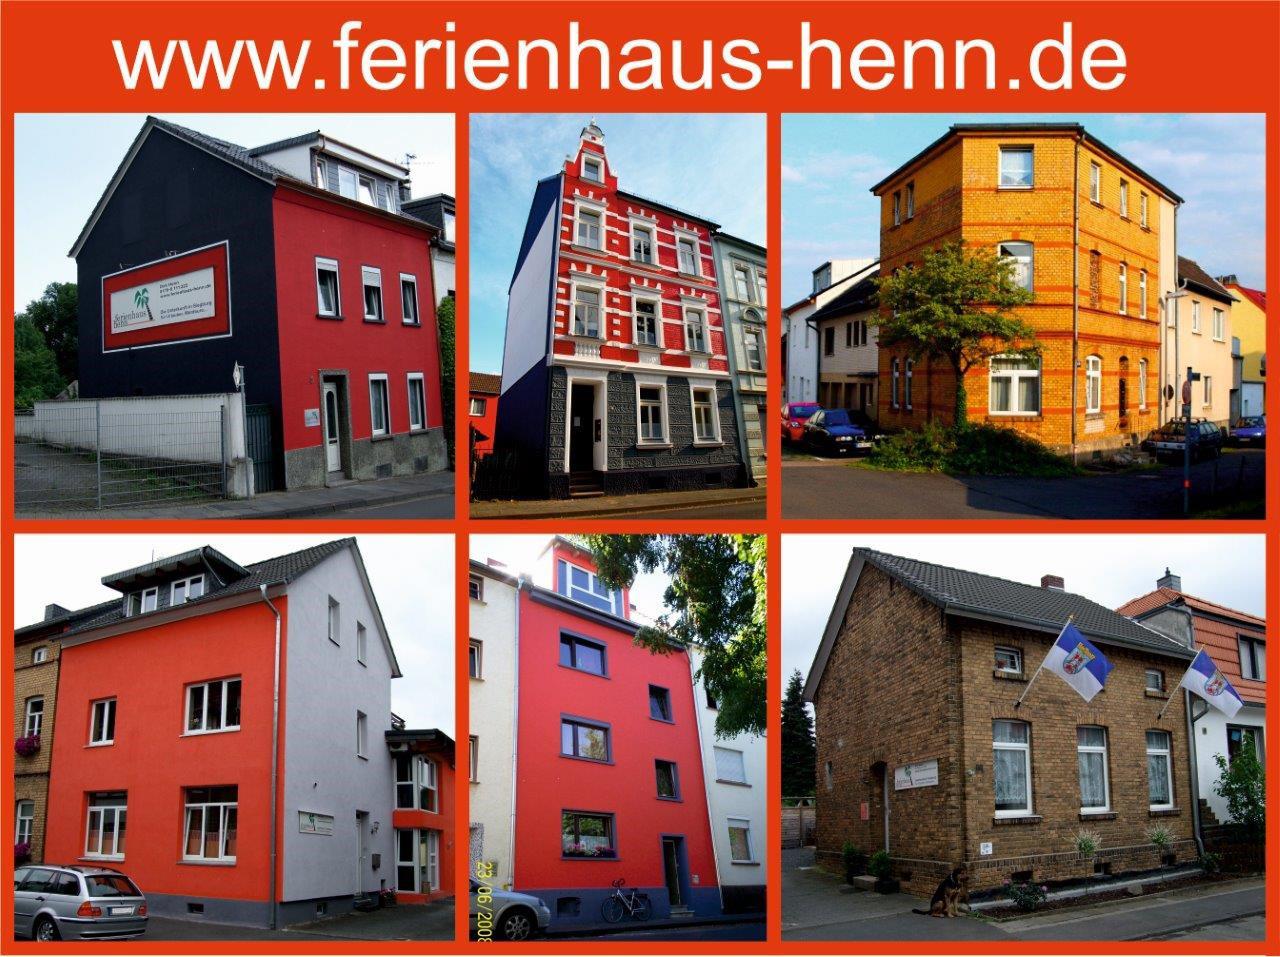 Das Bild zeigt das Ferienhaus Dirk Henn in Siegburg